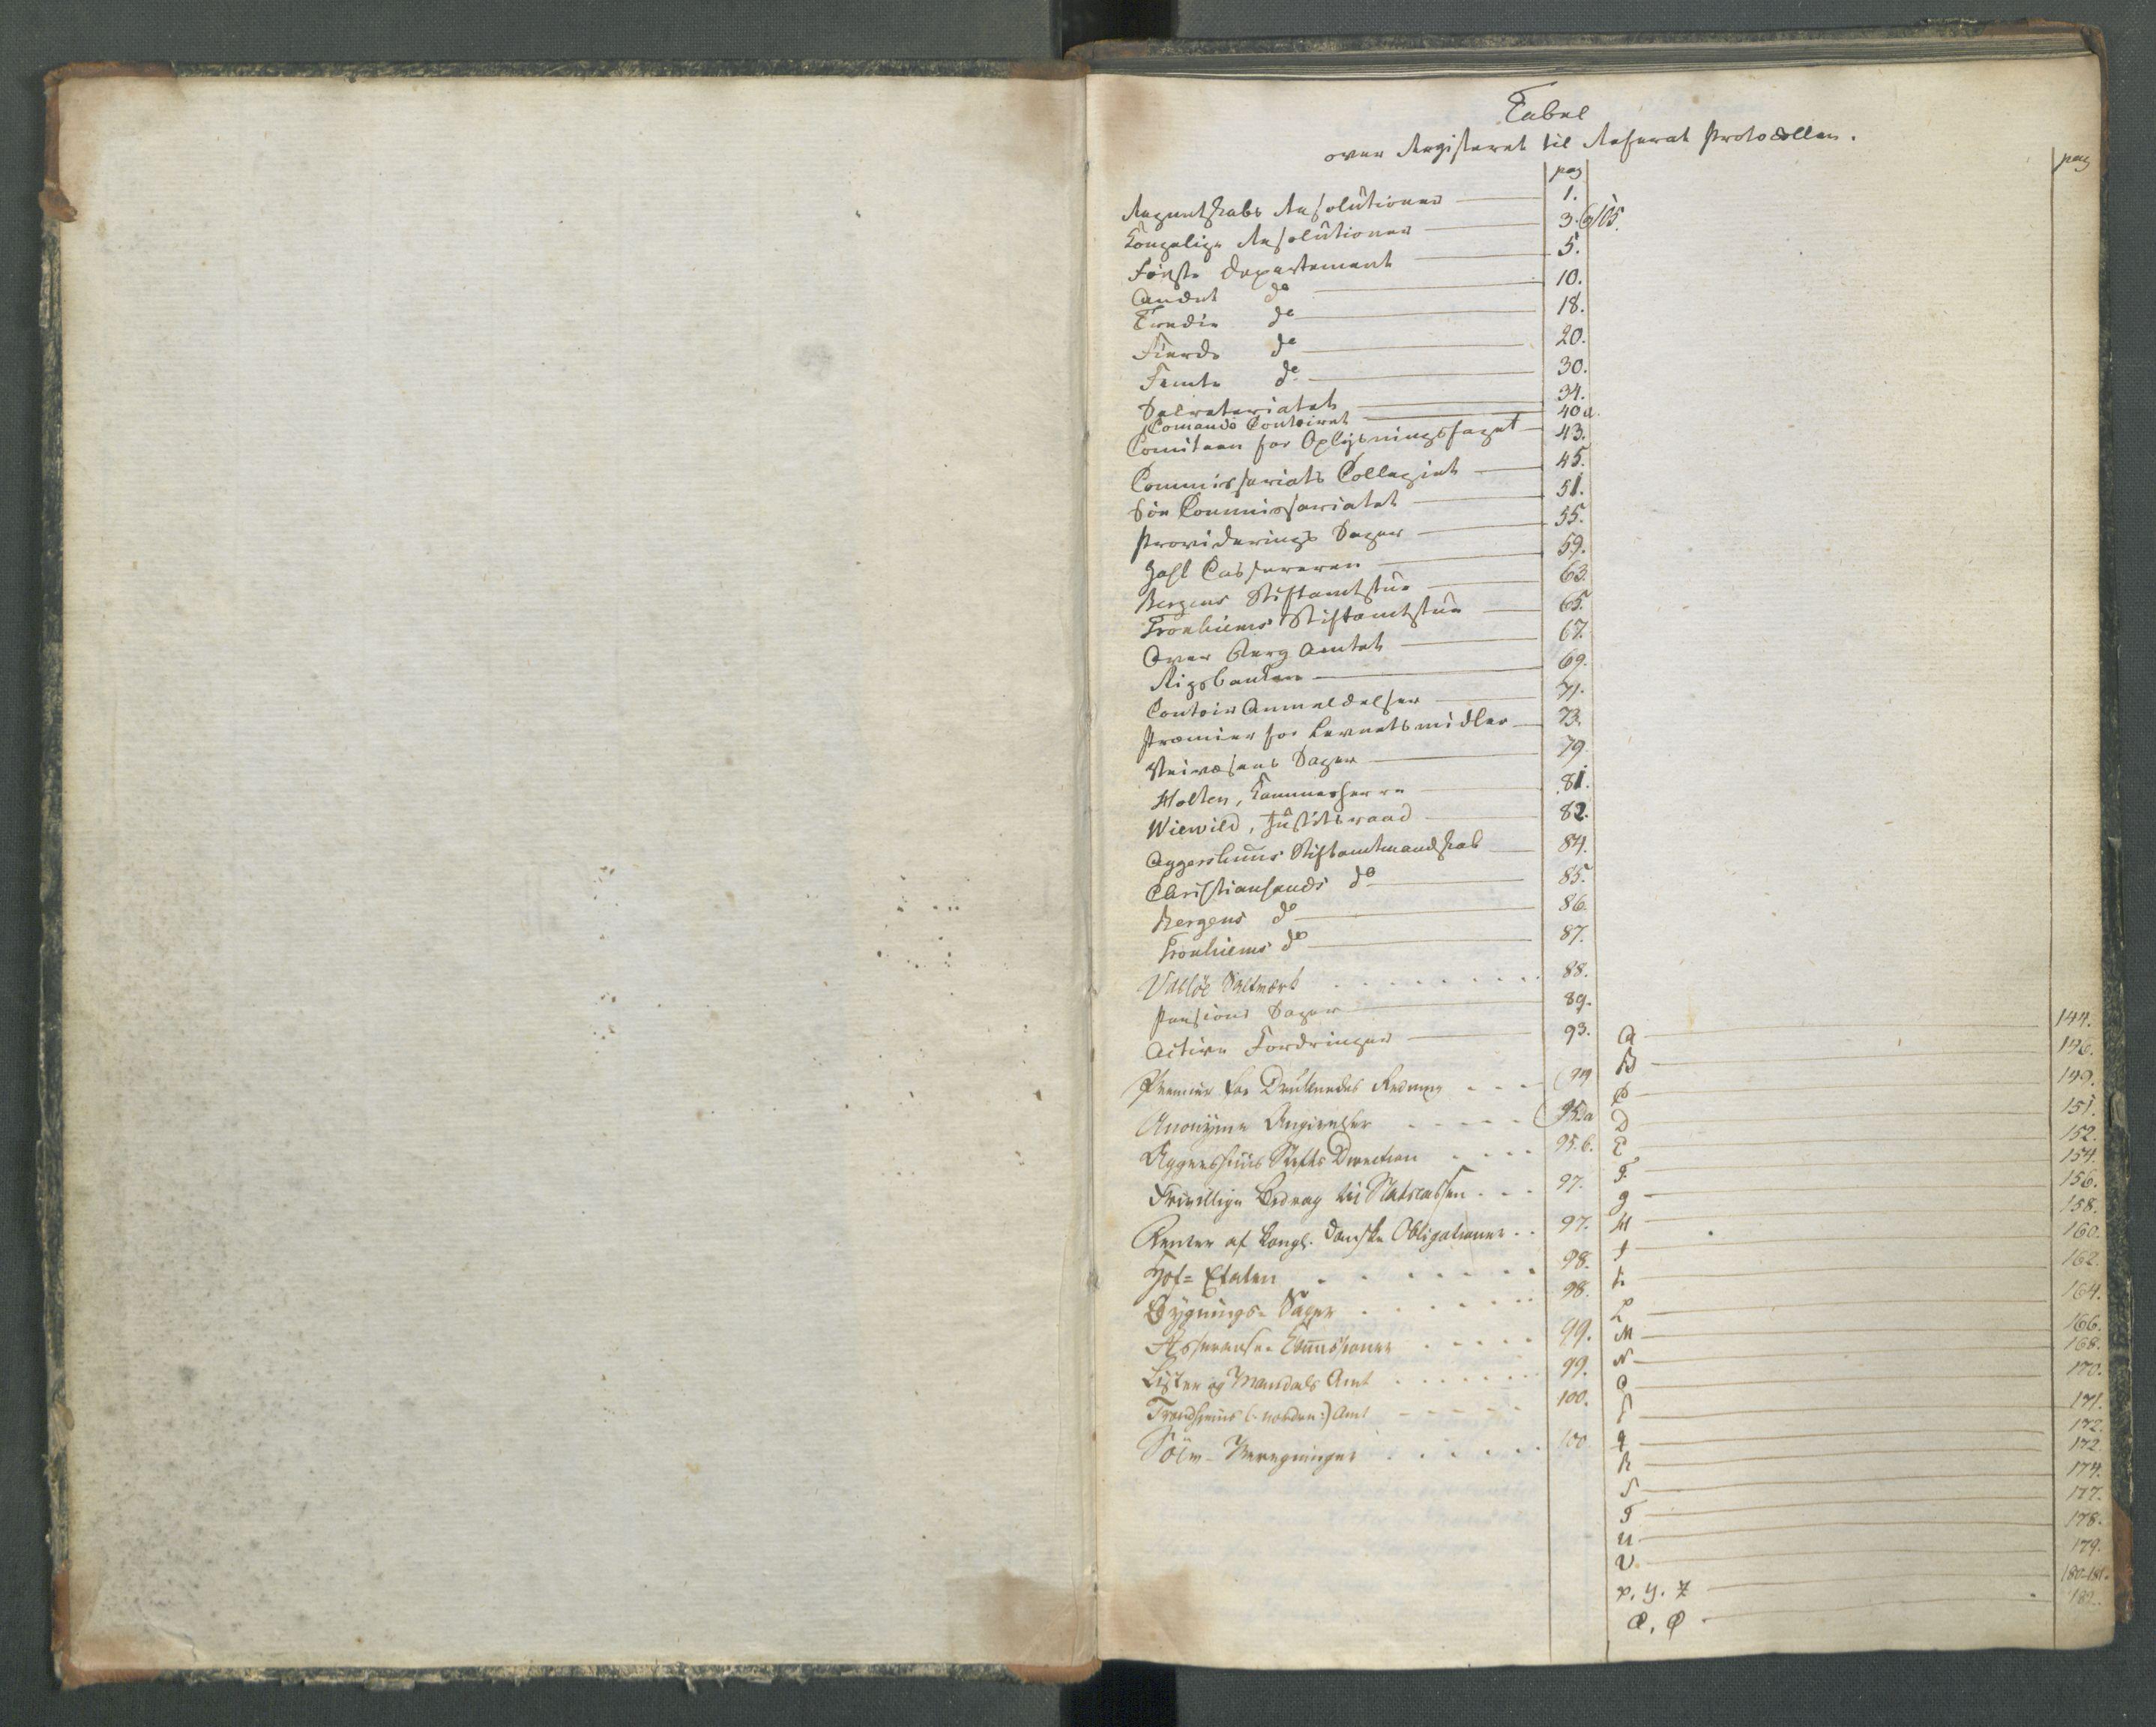 RA, Departementene i 1814, Fa/L0014: Bokholderkontoret - Register til journalen, 1814-1815